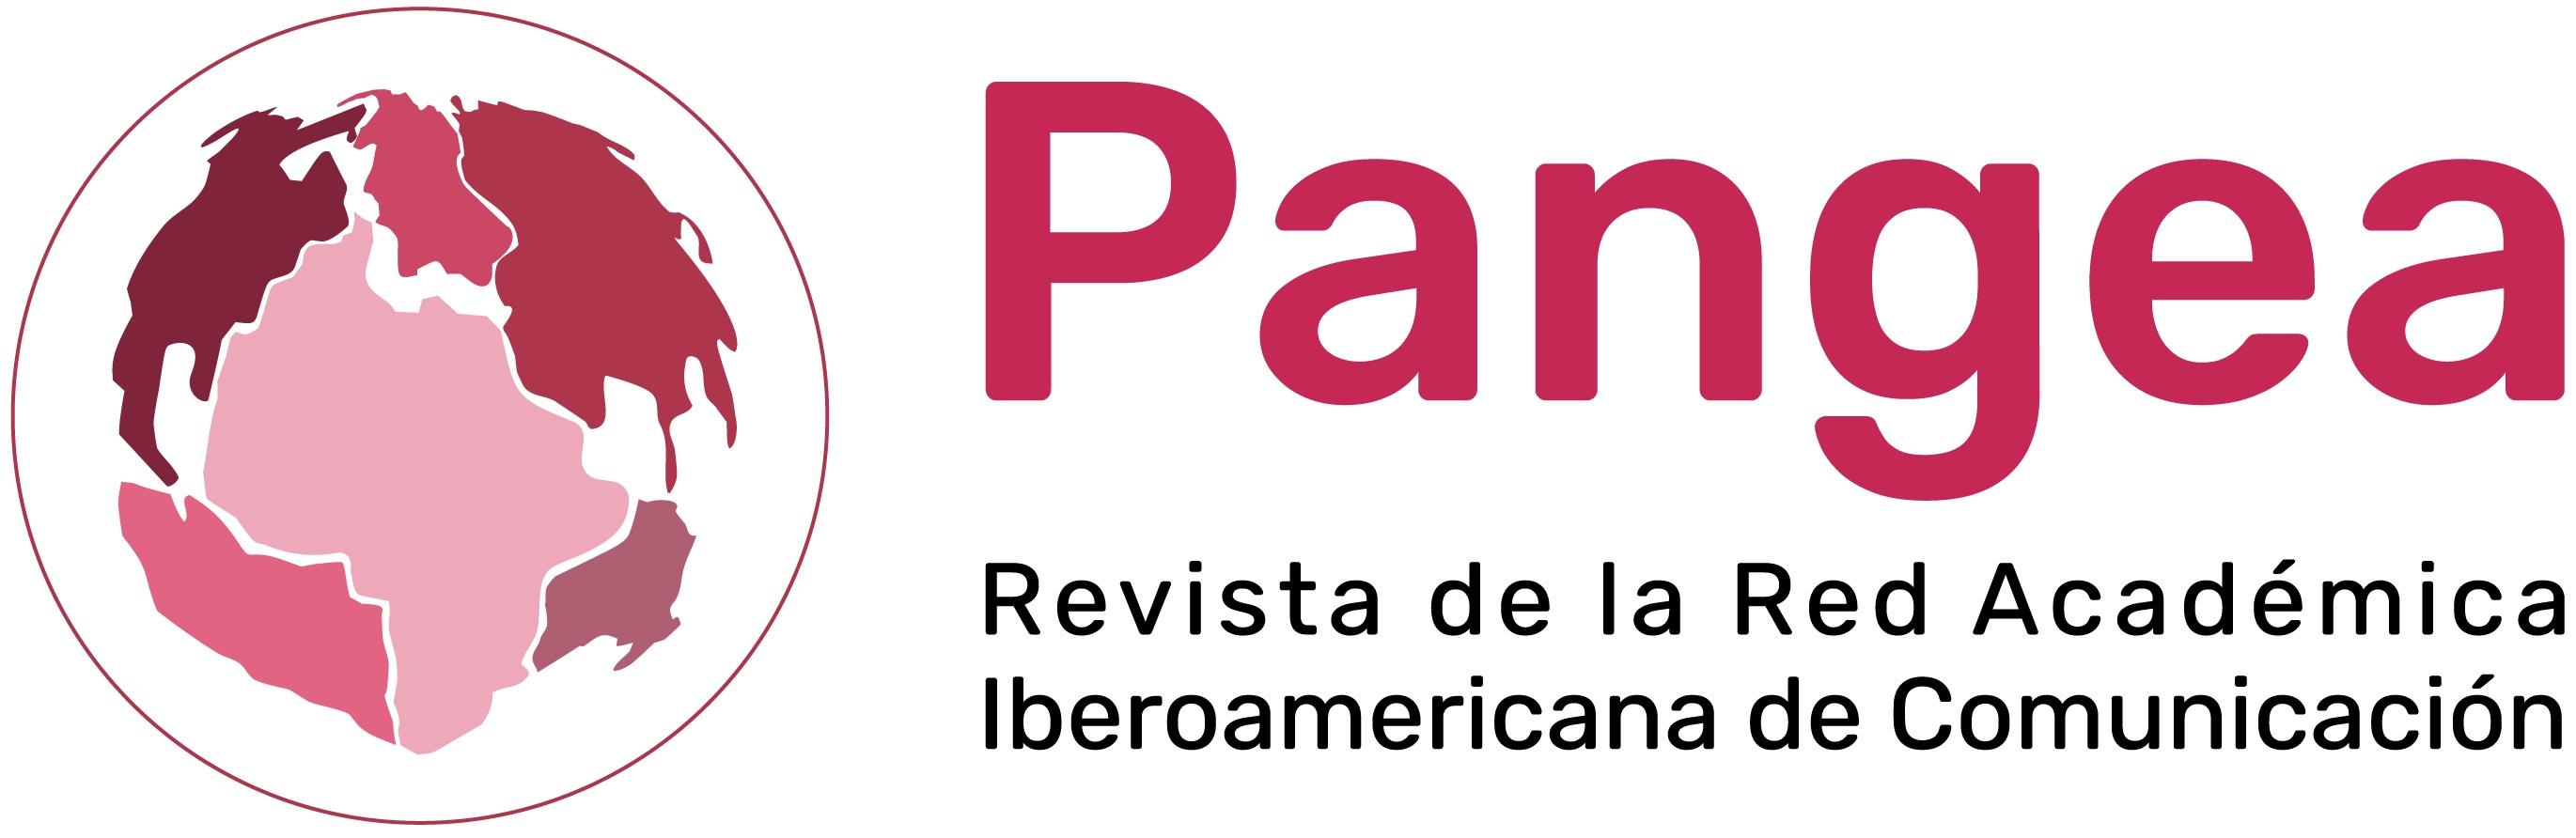 Revista Pangea de Comunicación